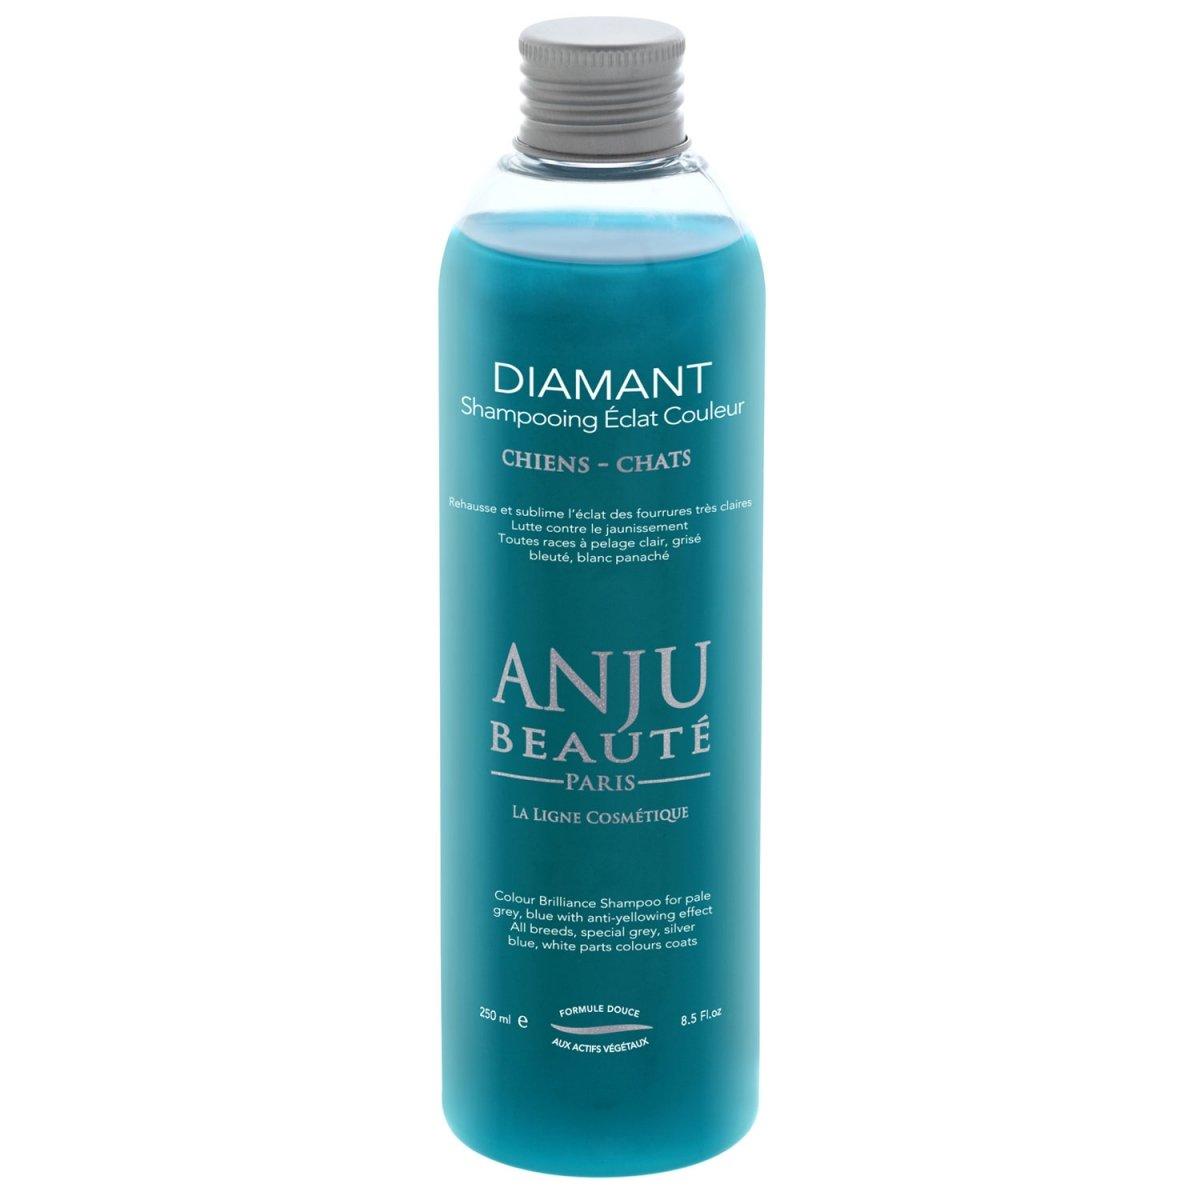 Diamant Shampooing Éclat Couleur poil gris 250ml de Anju Beaute